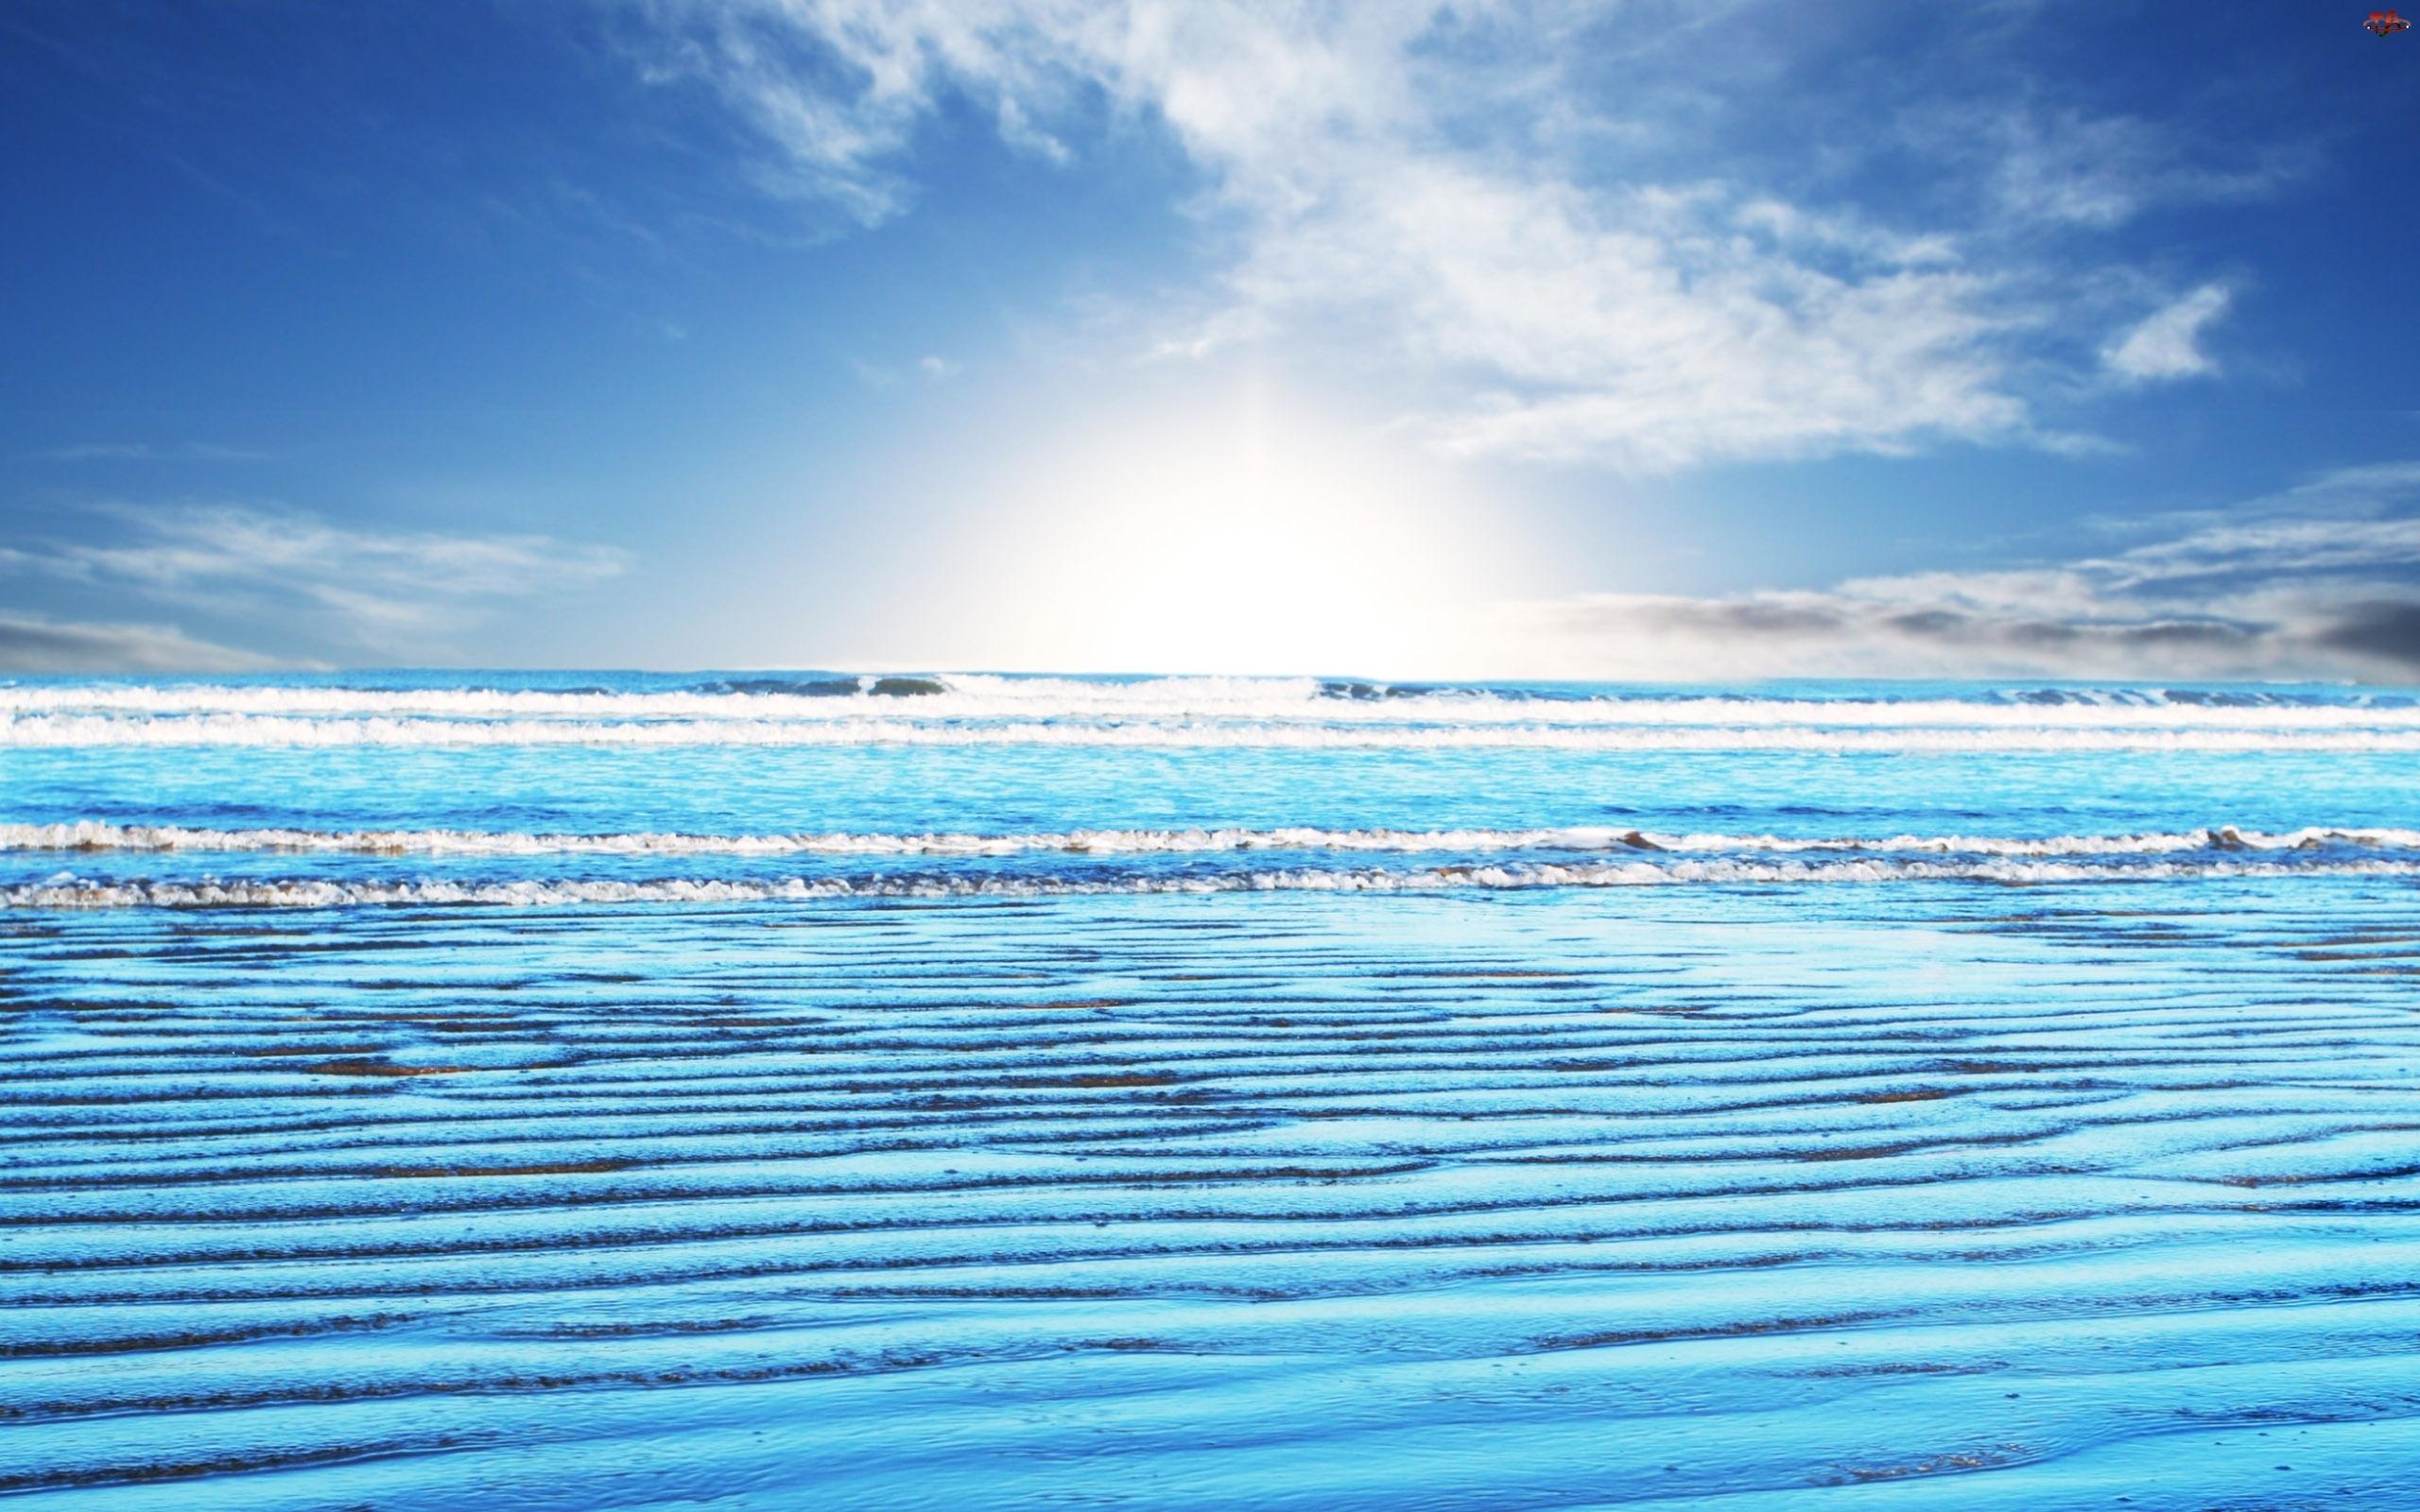 Fale, Morze, Woda